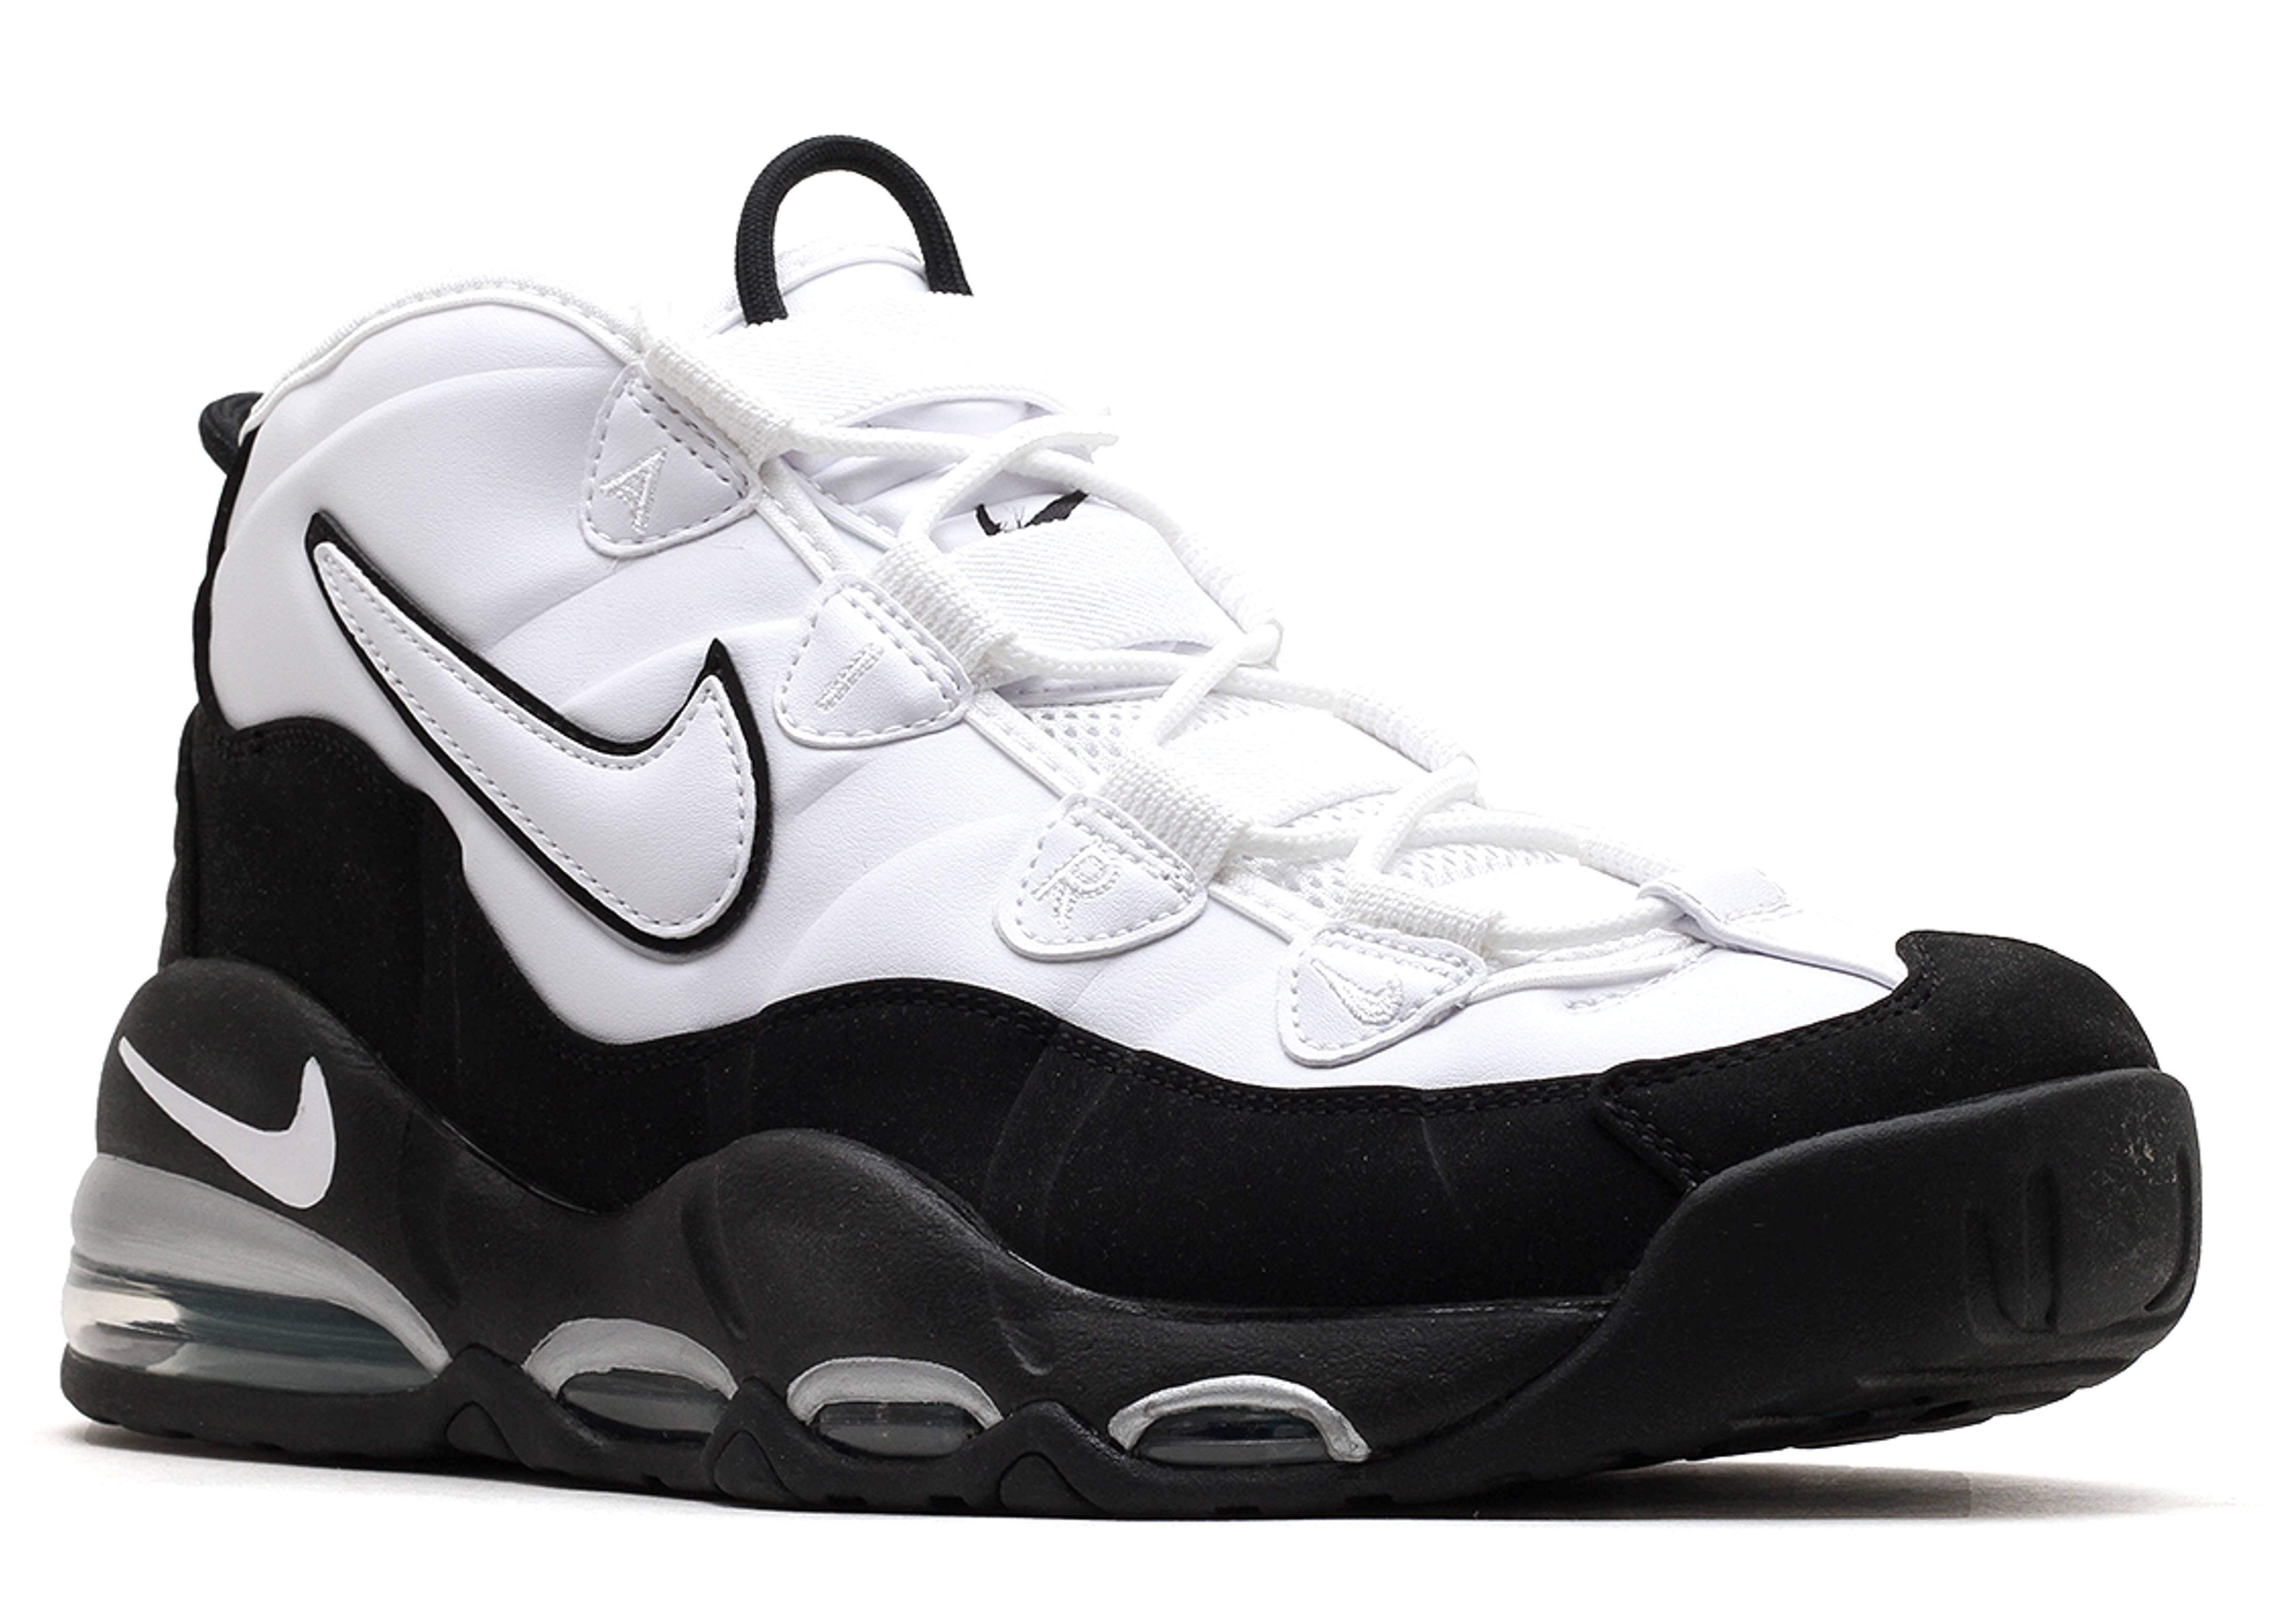 Nike Air Max Uptempo 95 Retro